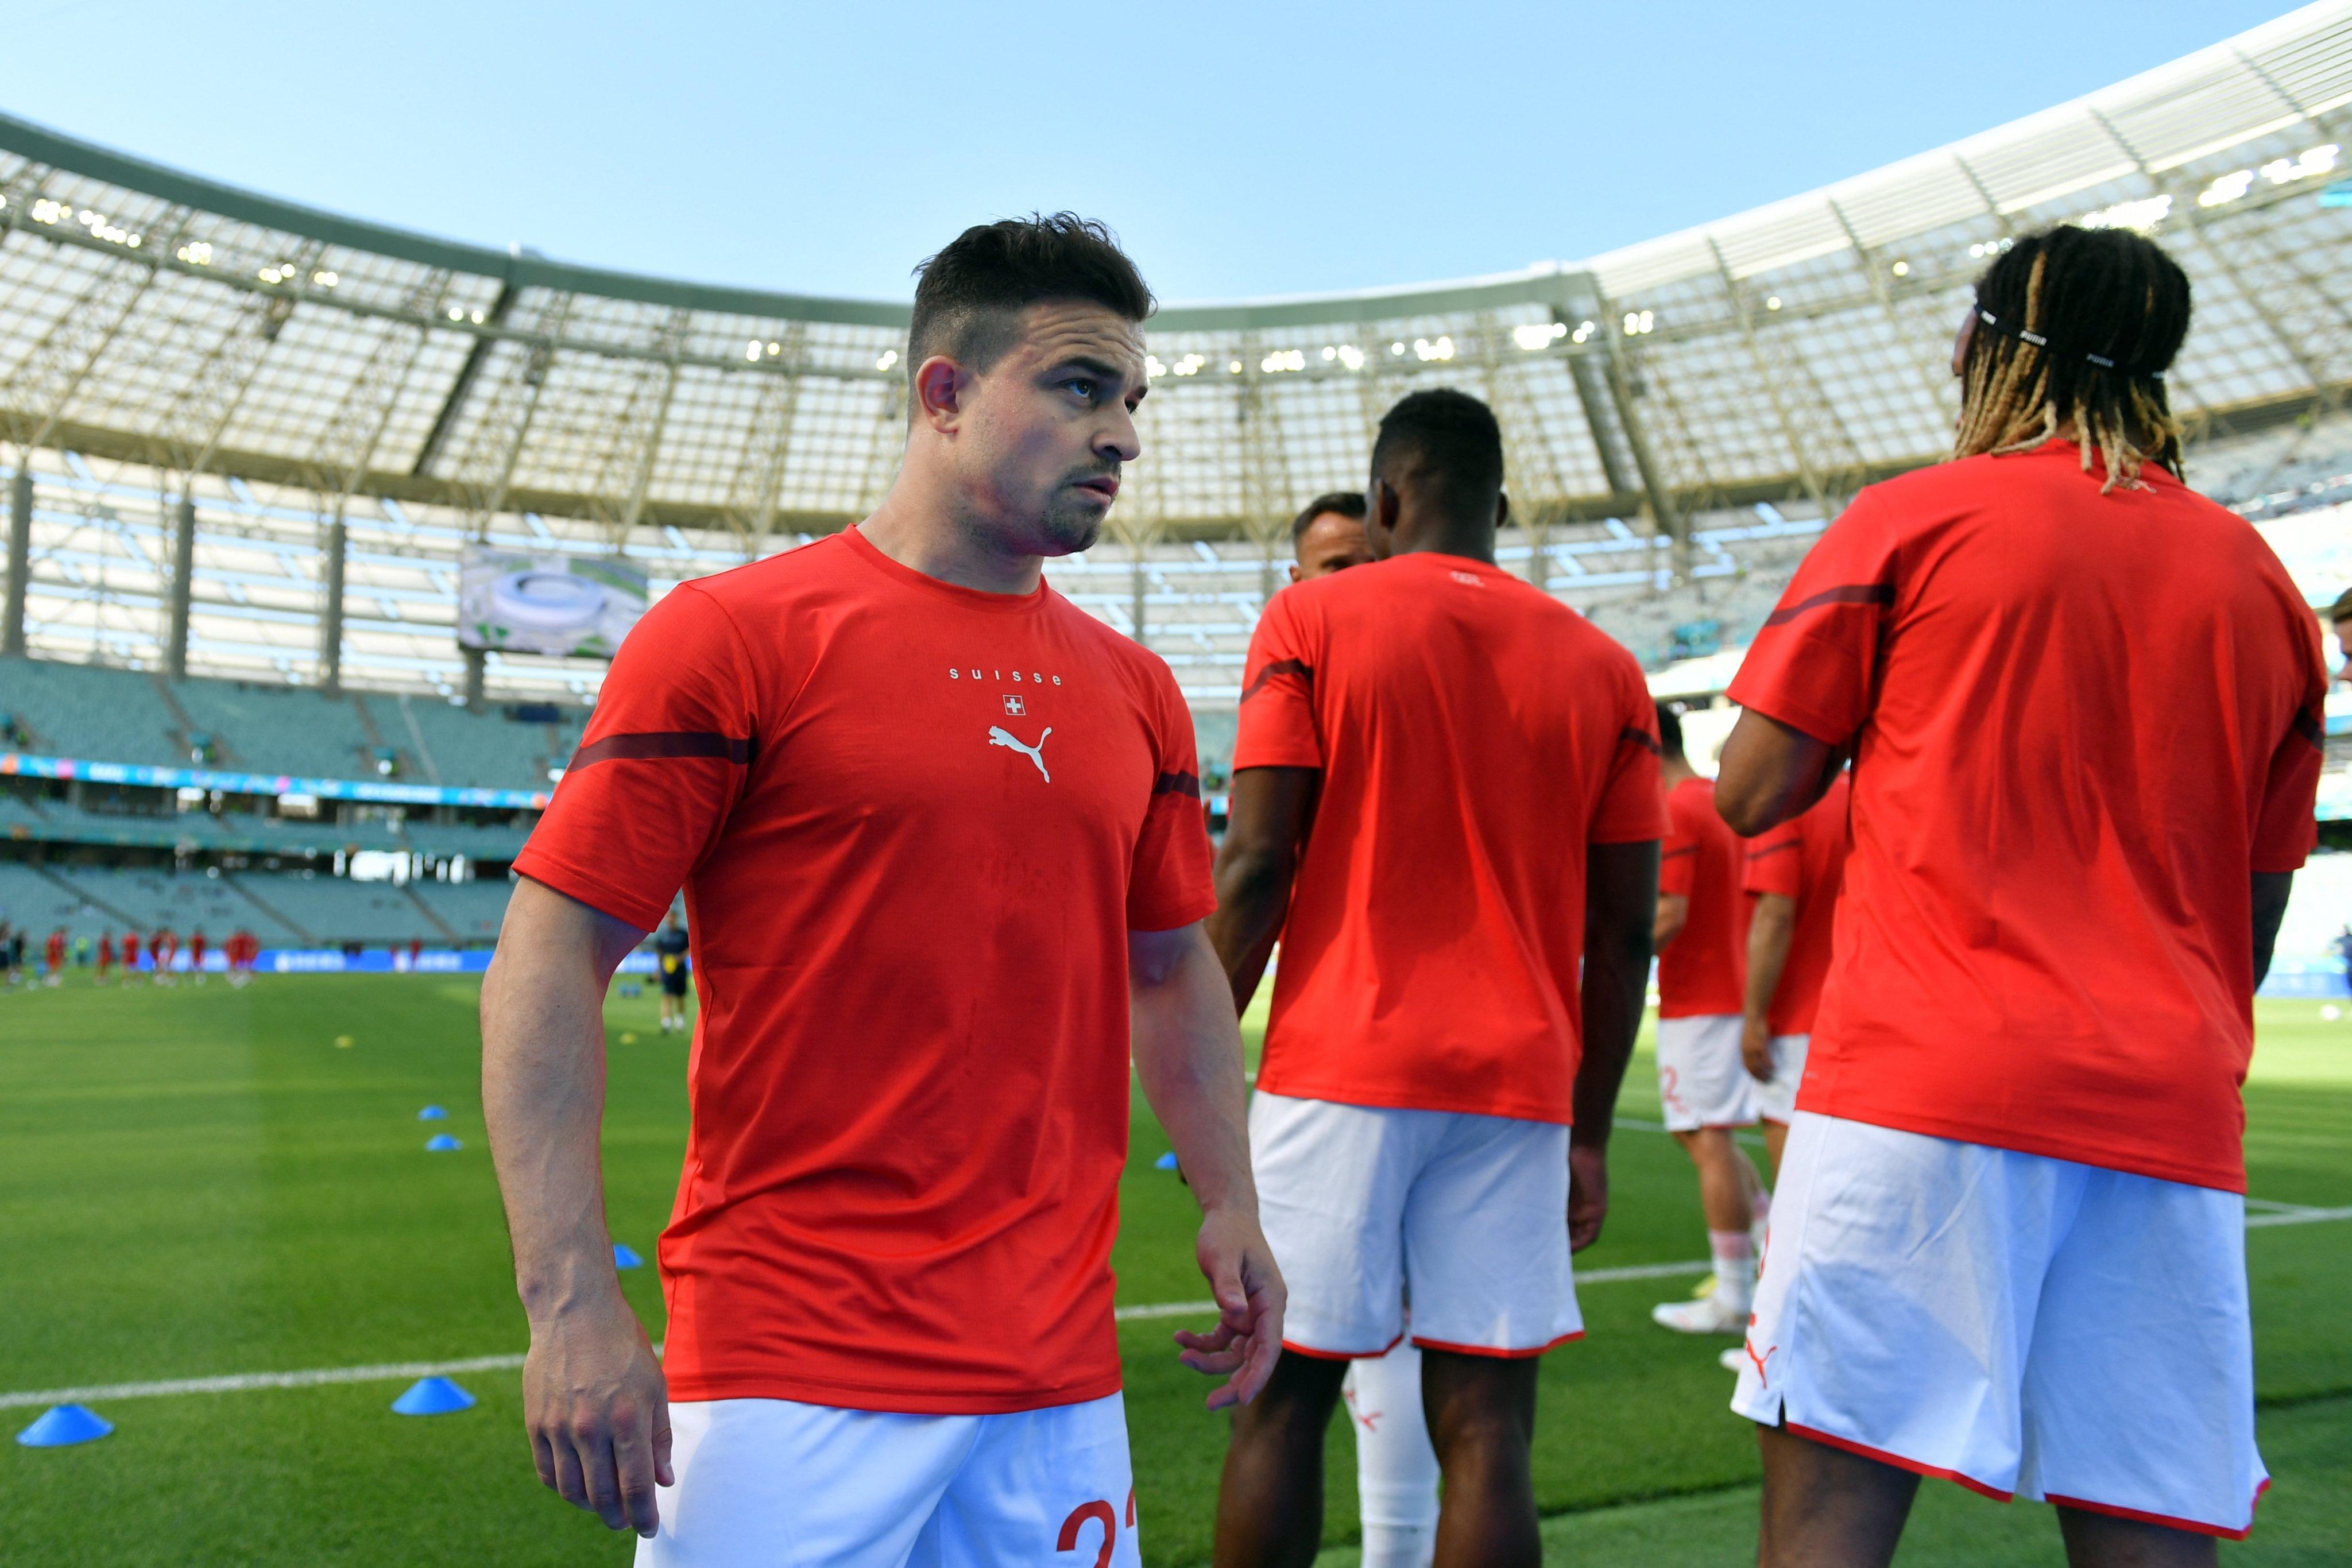 威爾士1-1瑞士: 進球的穆爾擁有中國血統, 貝爾全場迷失-圖4